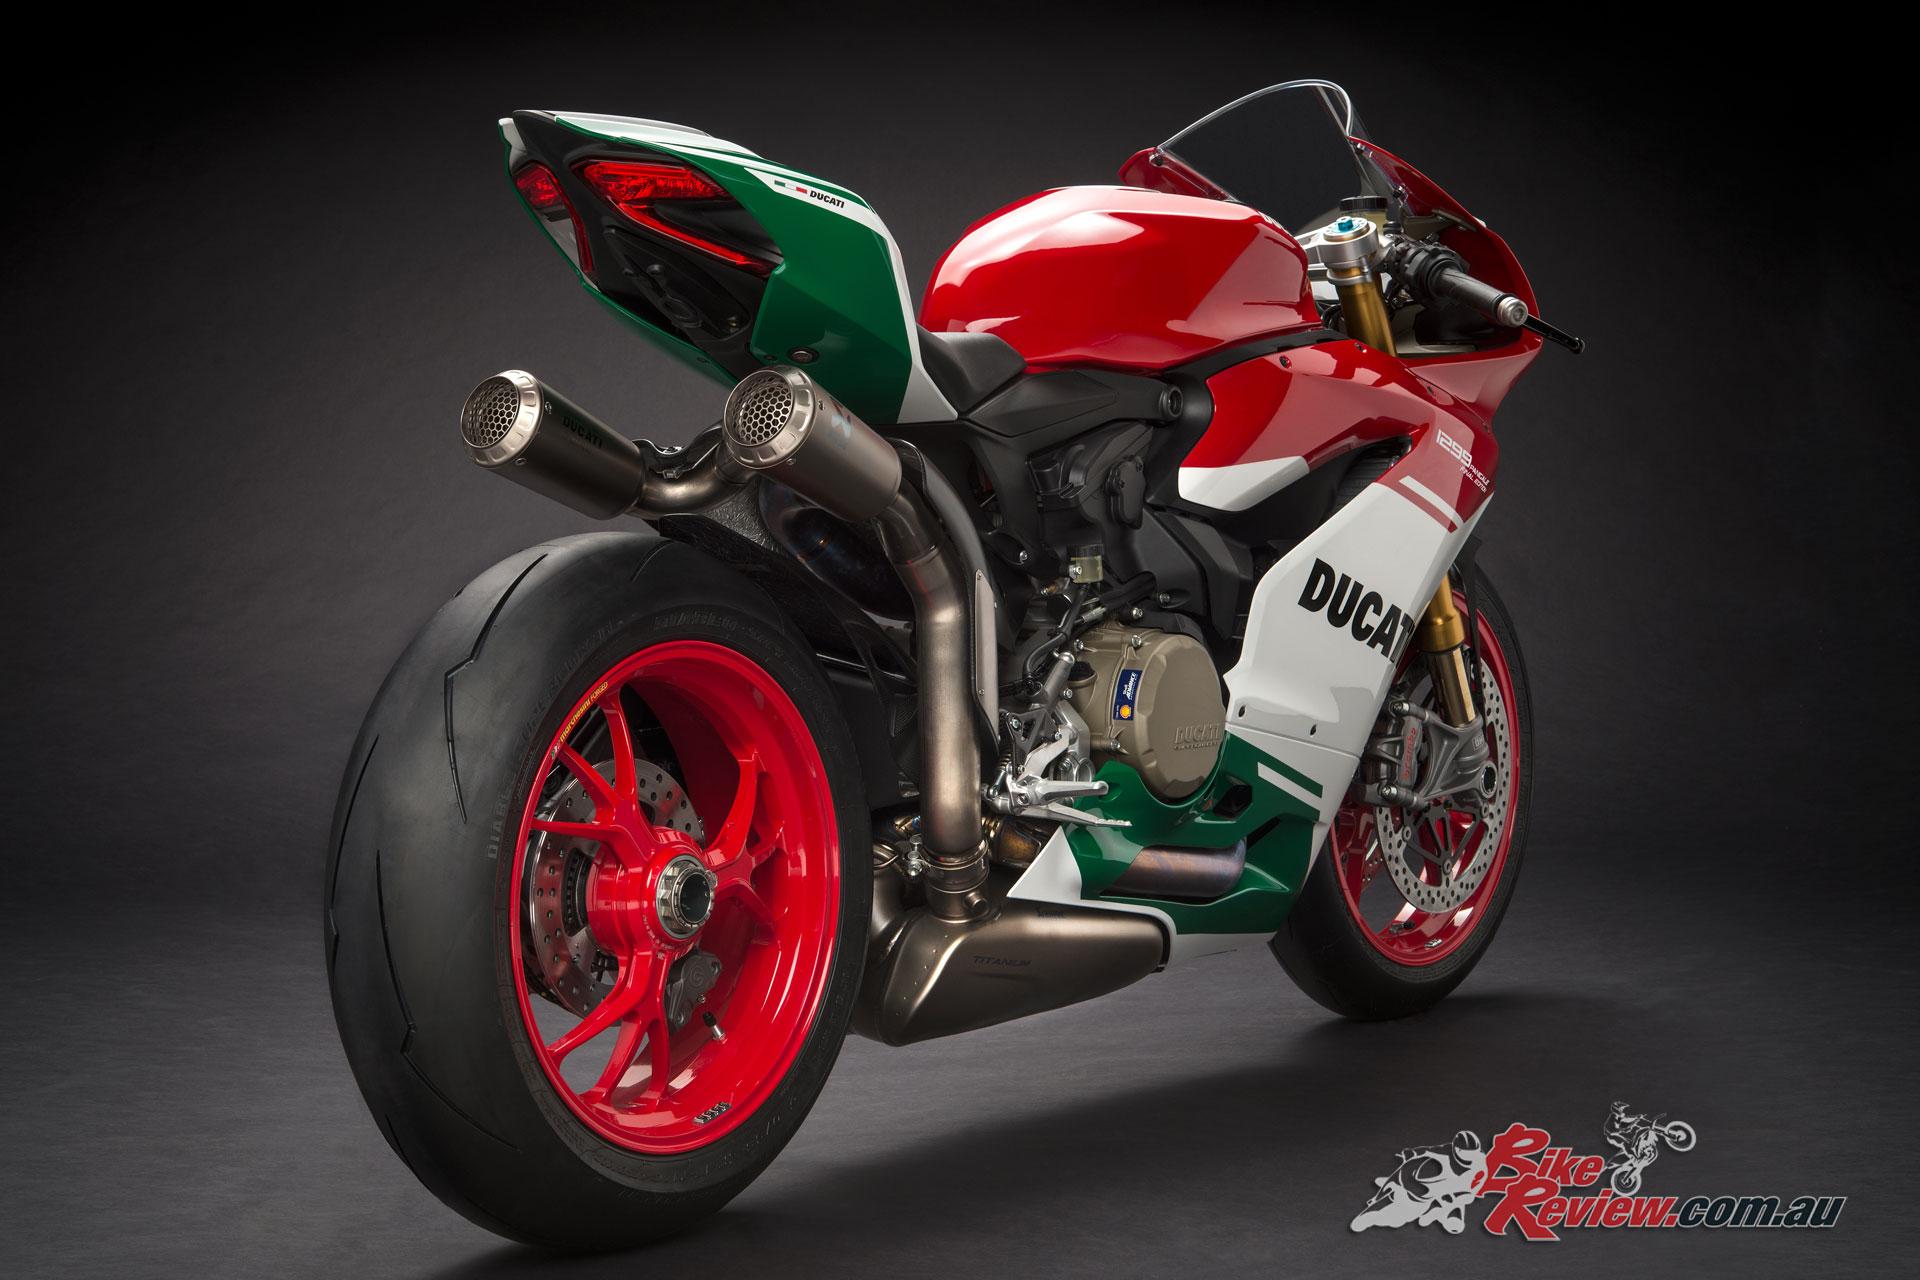 Ducati 848 Price